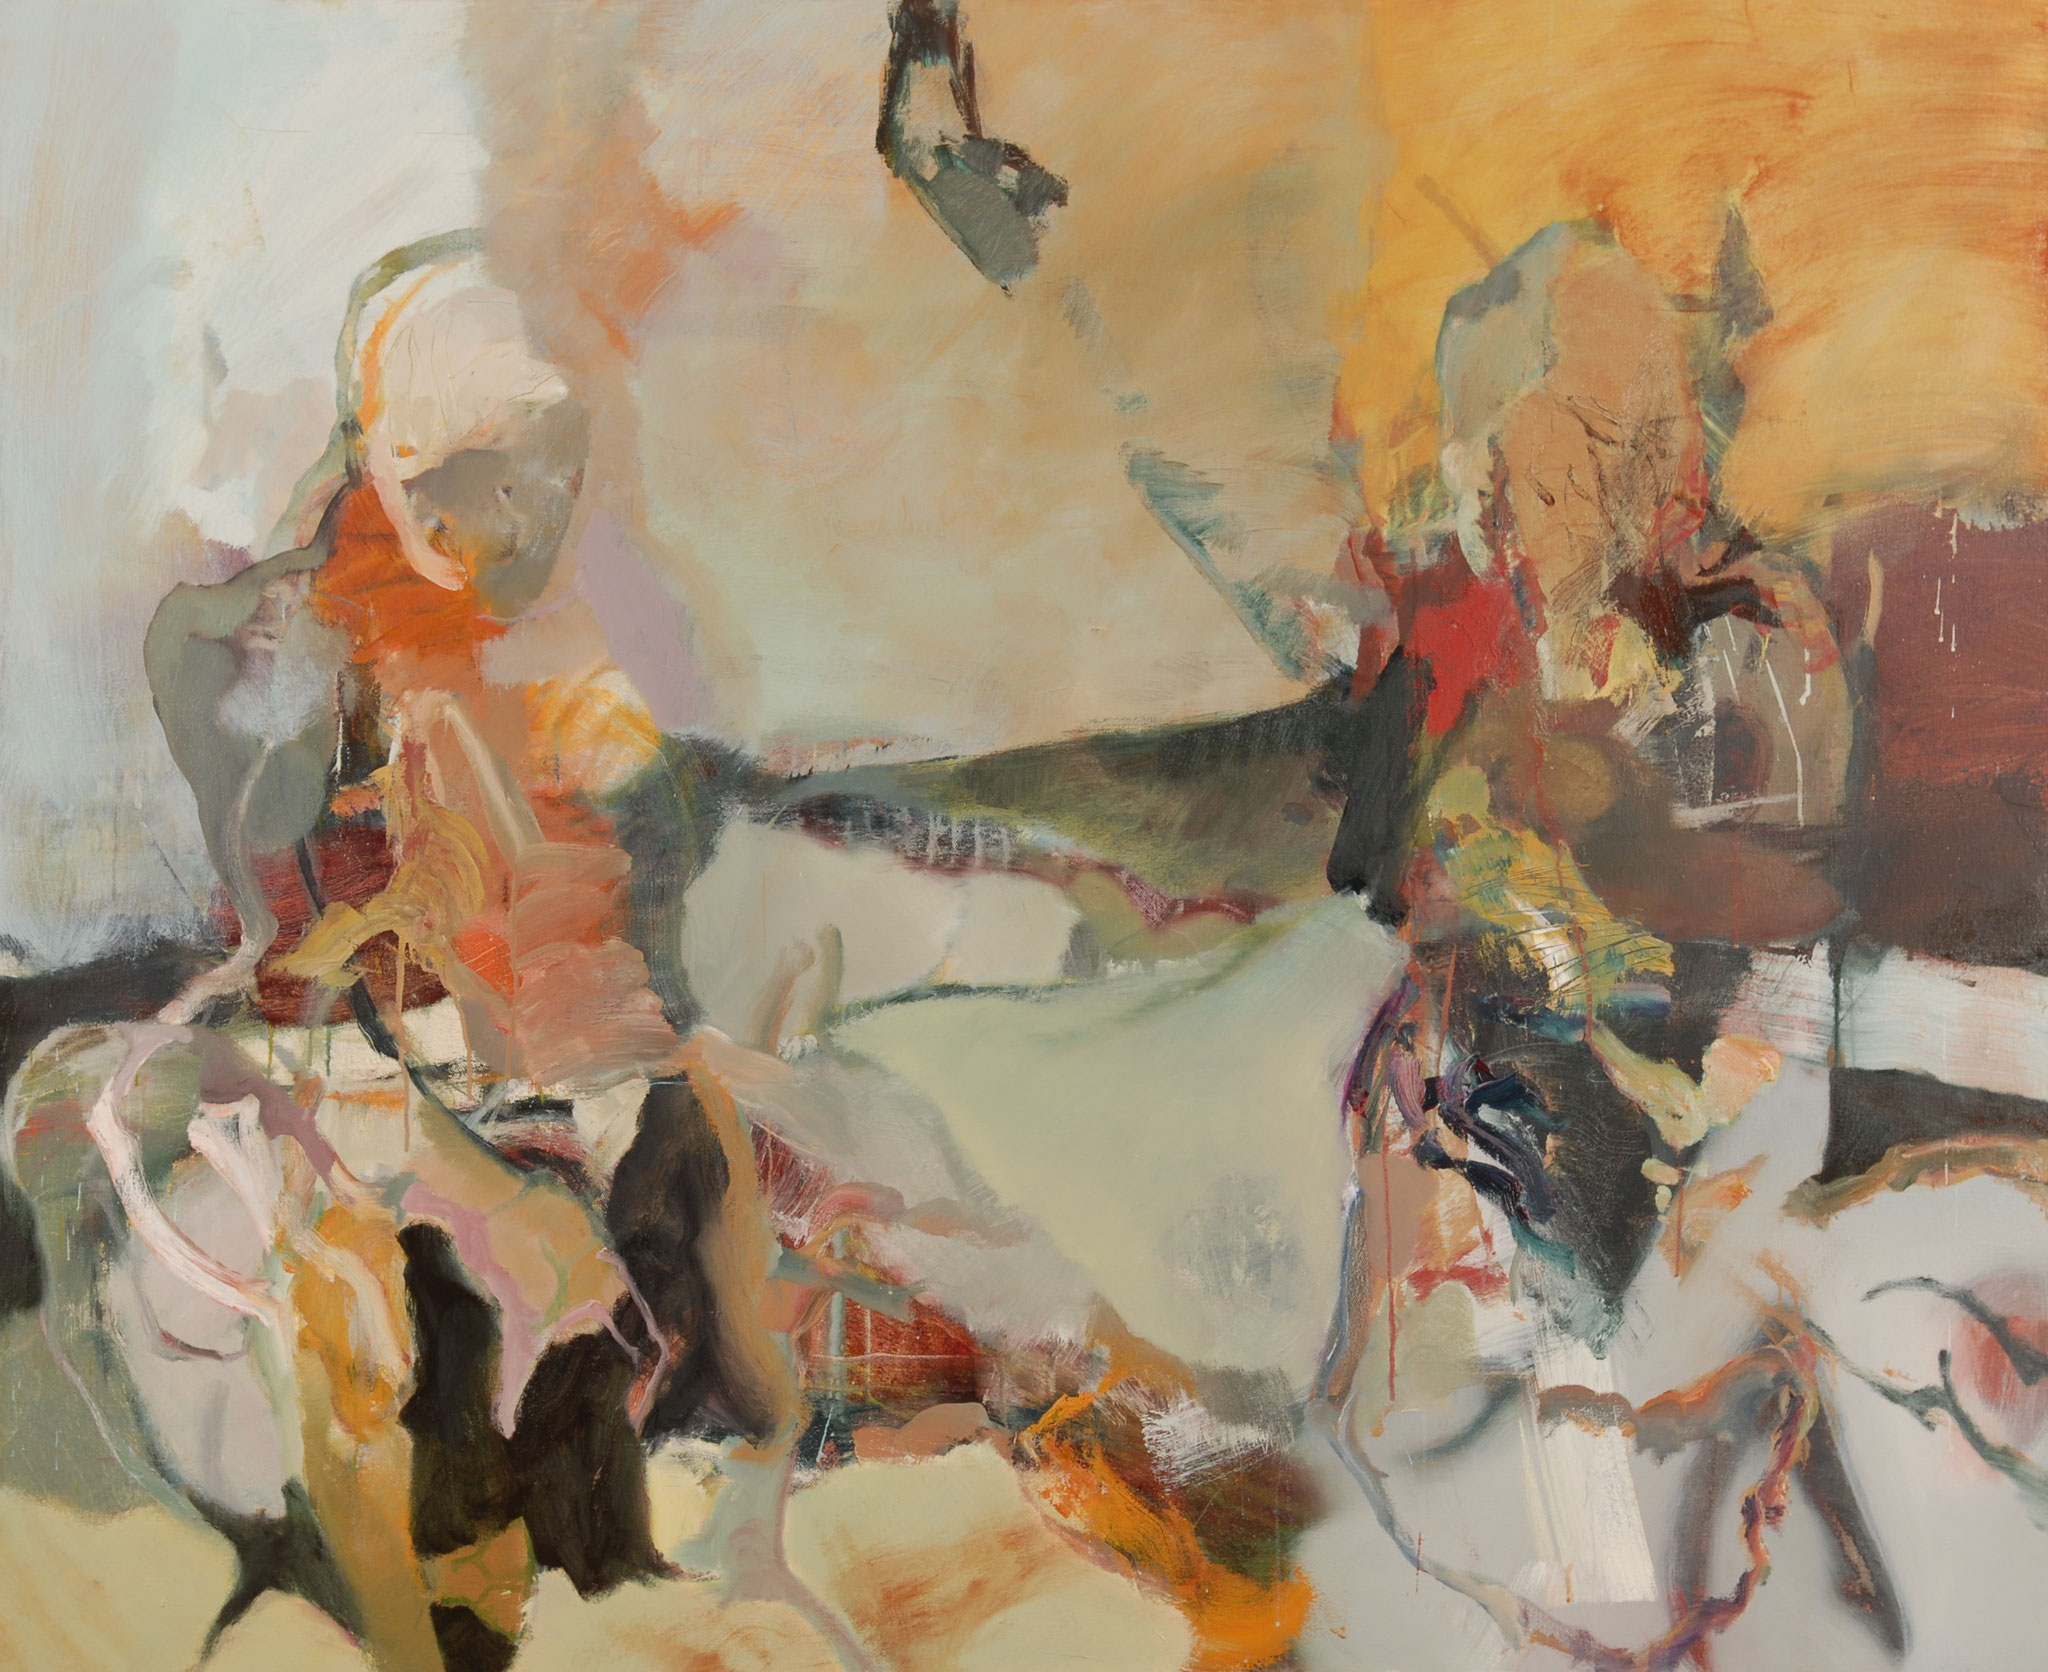 32  |  Ohne Titel   |  2016  |  Öl auf Leinwand  |  130 x 160 cm